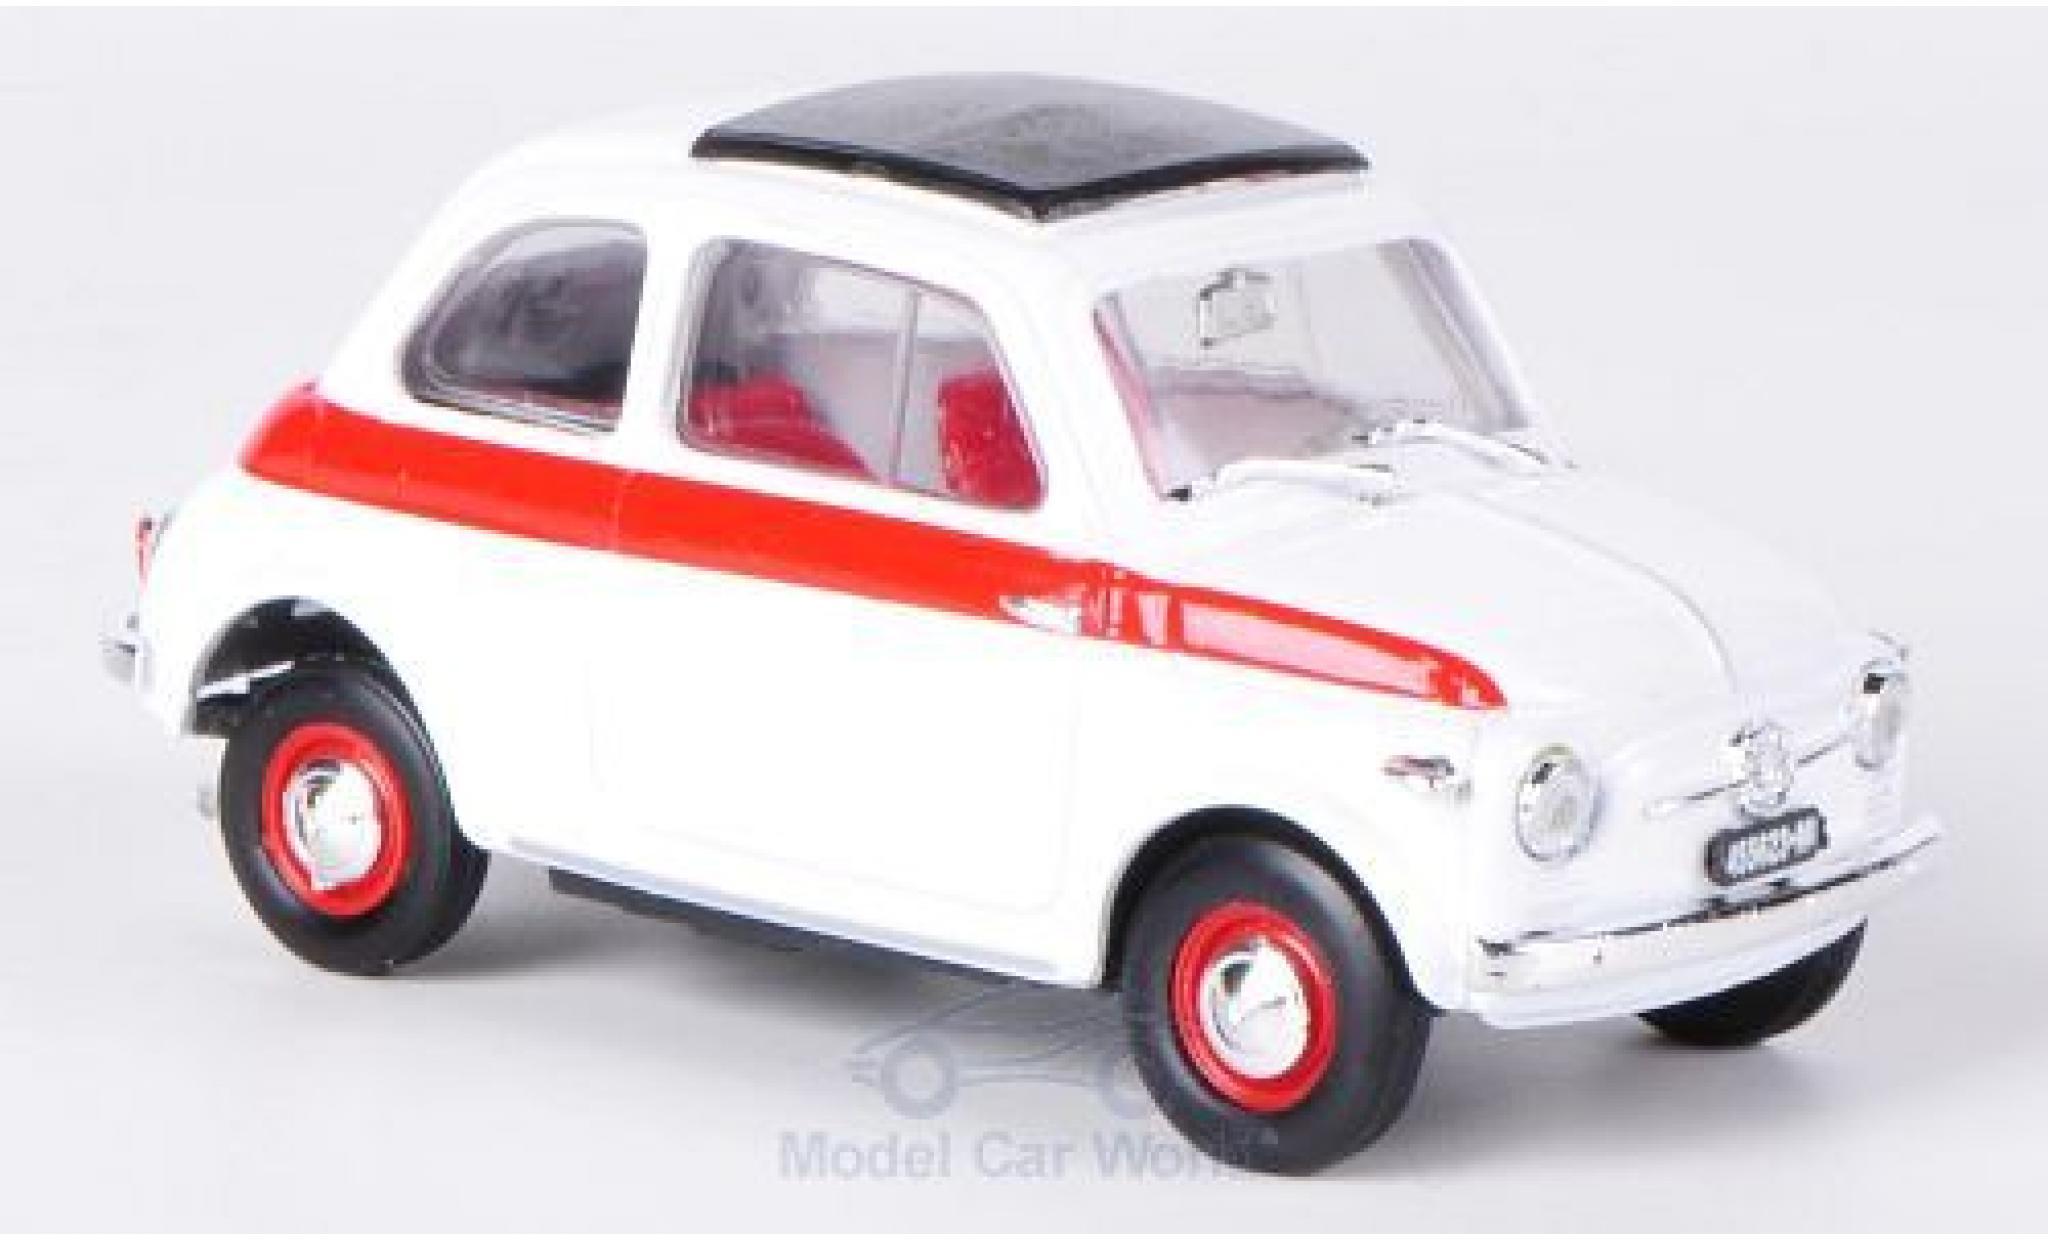 Fiat 500 1/43 Brumm Sport white/red 1959 Schiebedach geschlossen ohne Vitrine